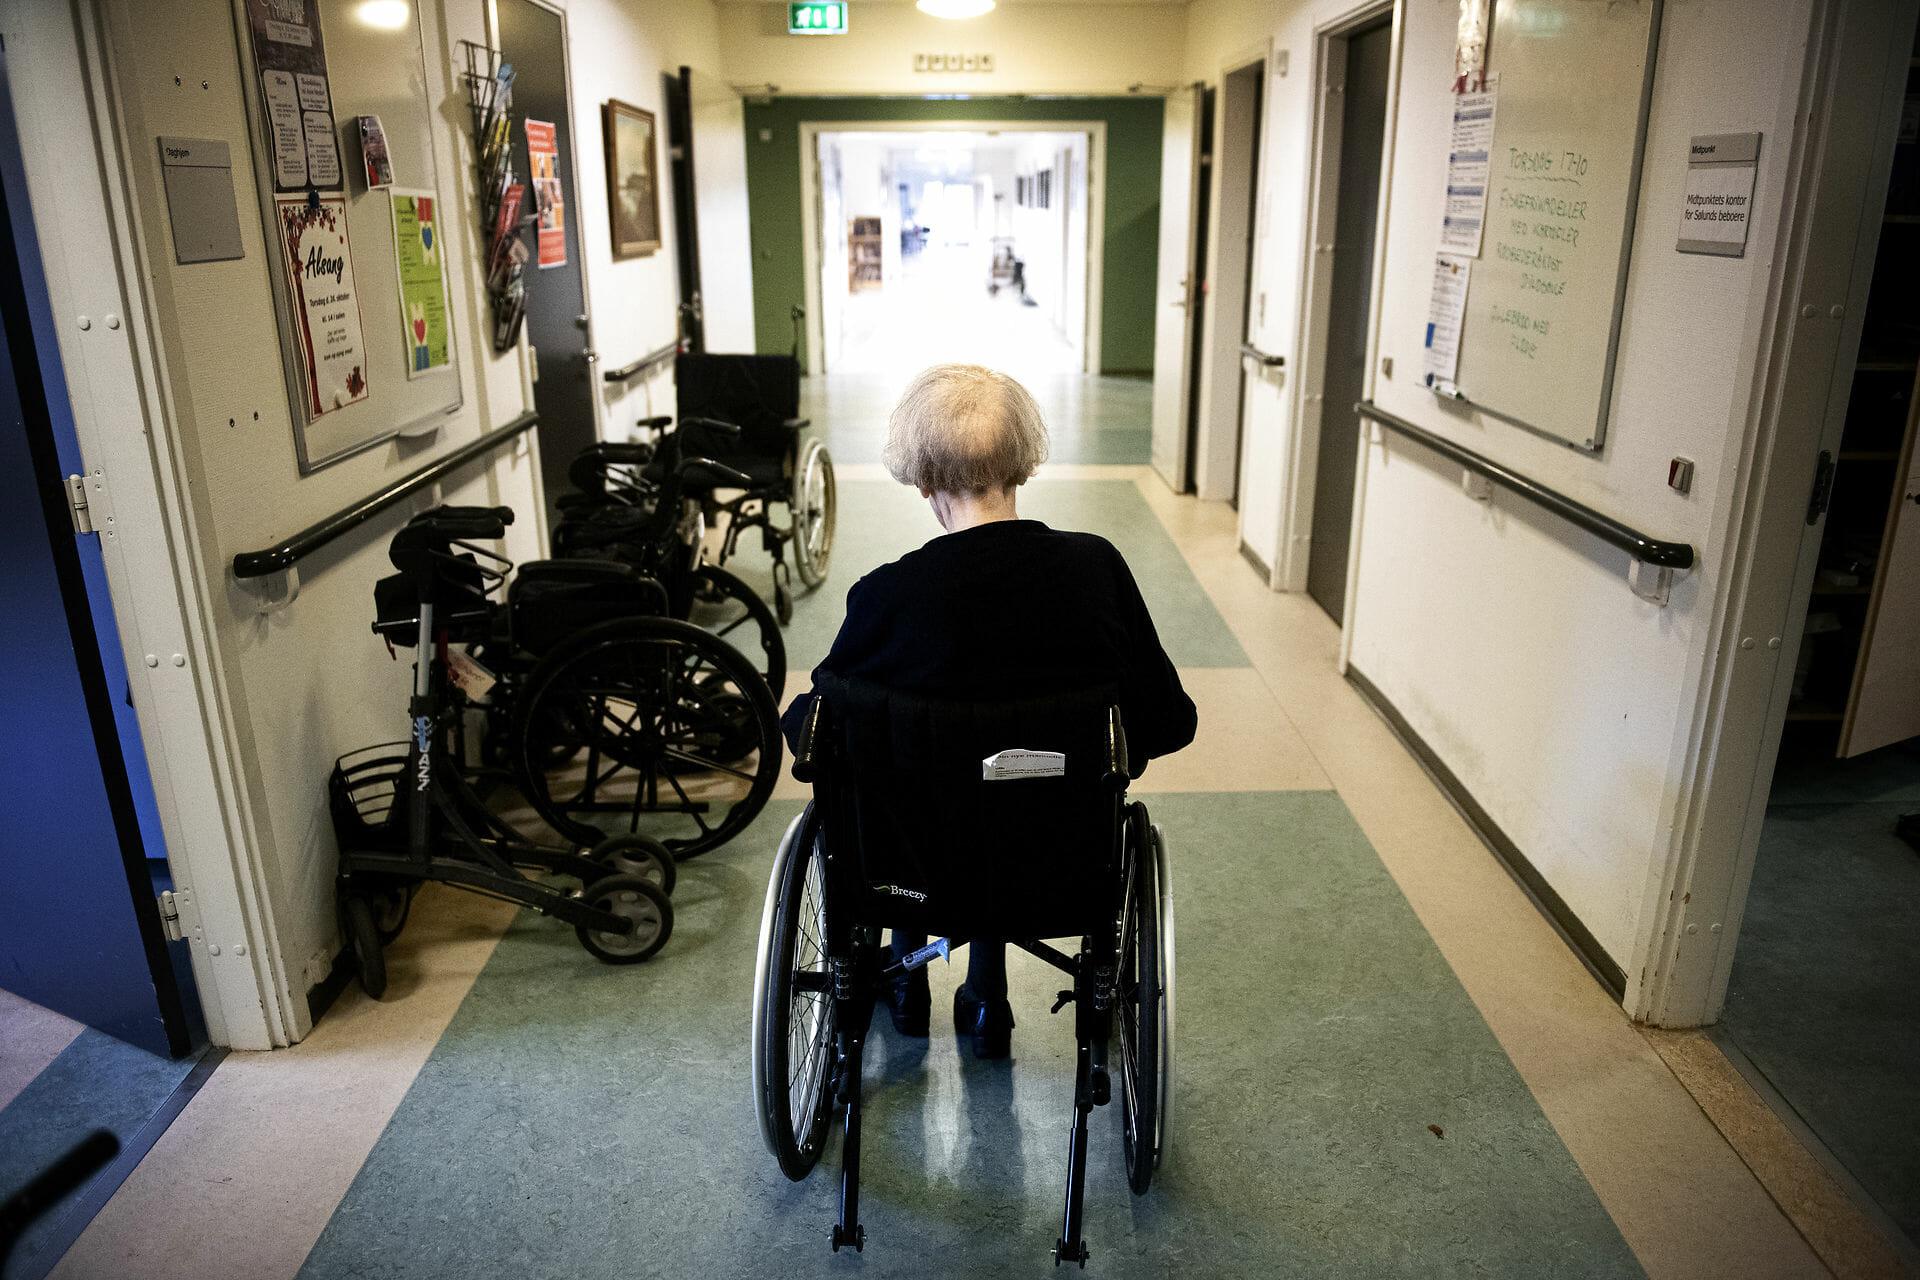 Skjulte kameraer på plejecenter: Politiet vil ikke efterforske TV2